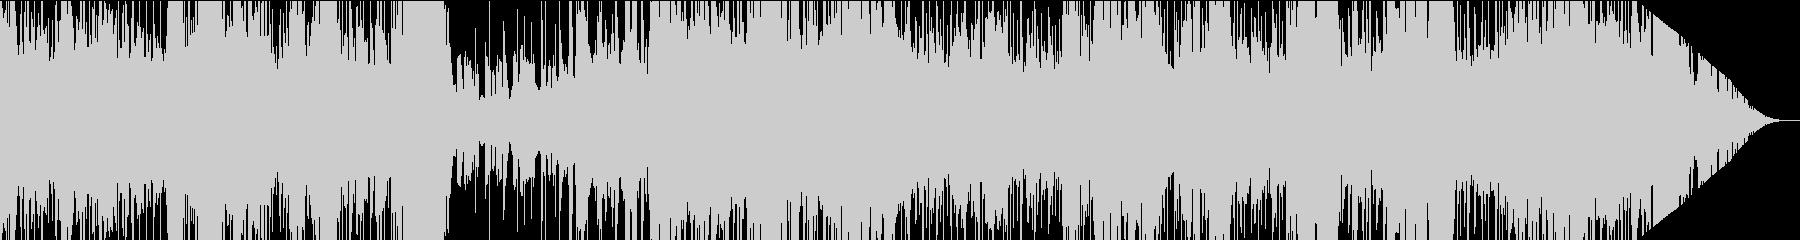 二胡が奏でる神秘的な中華風EDMの未再生の波形